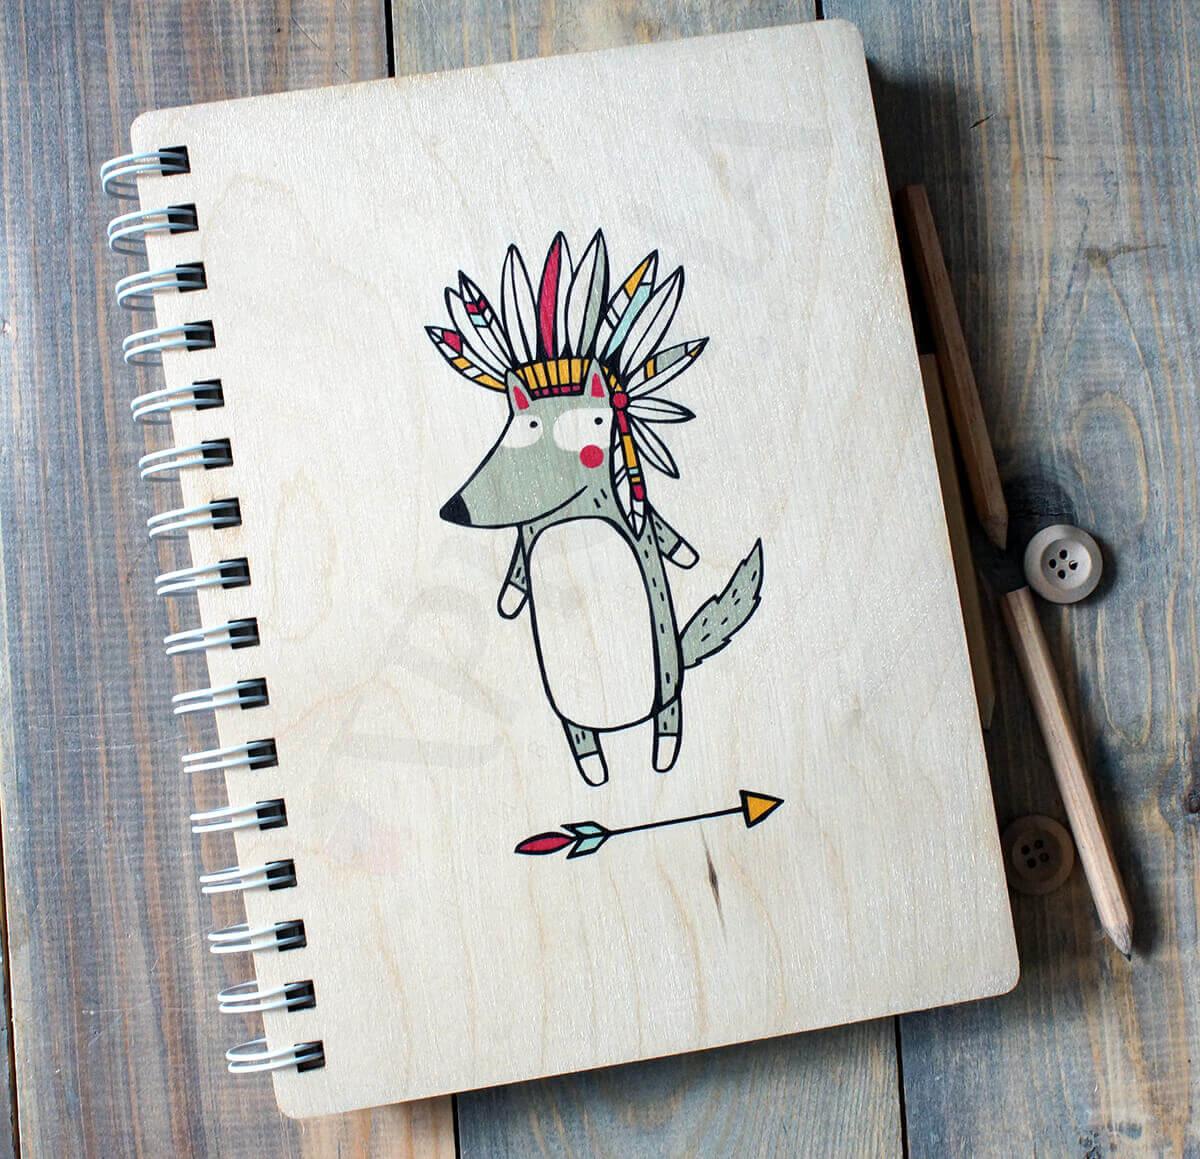 Прикольные картинки для скетчбука карандашом